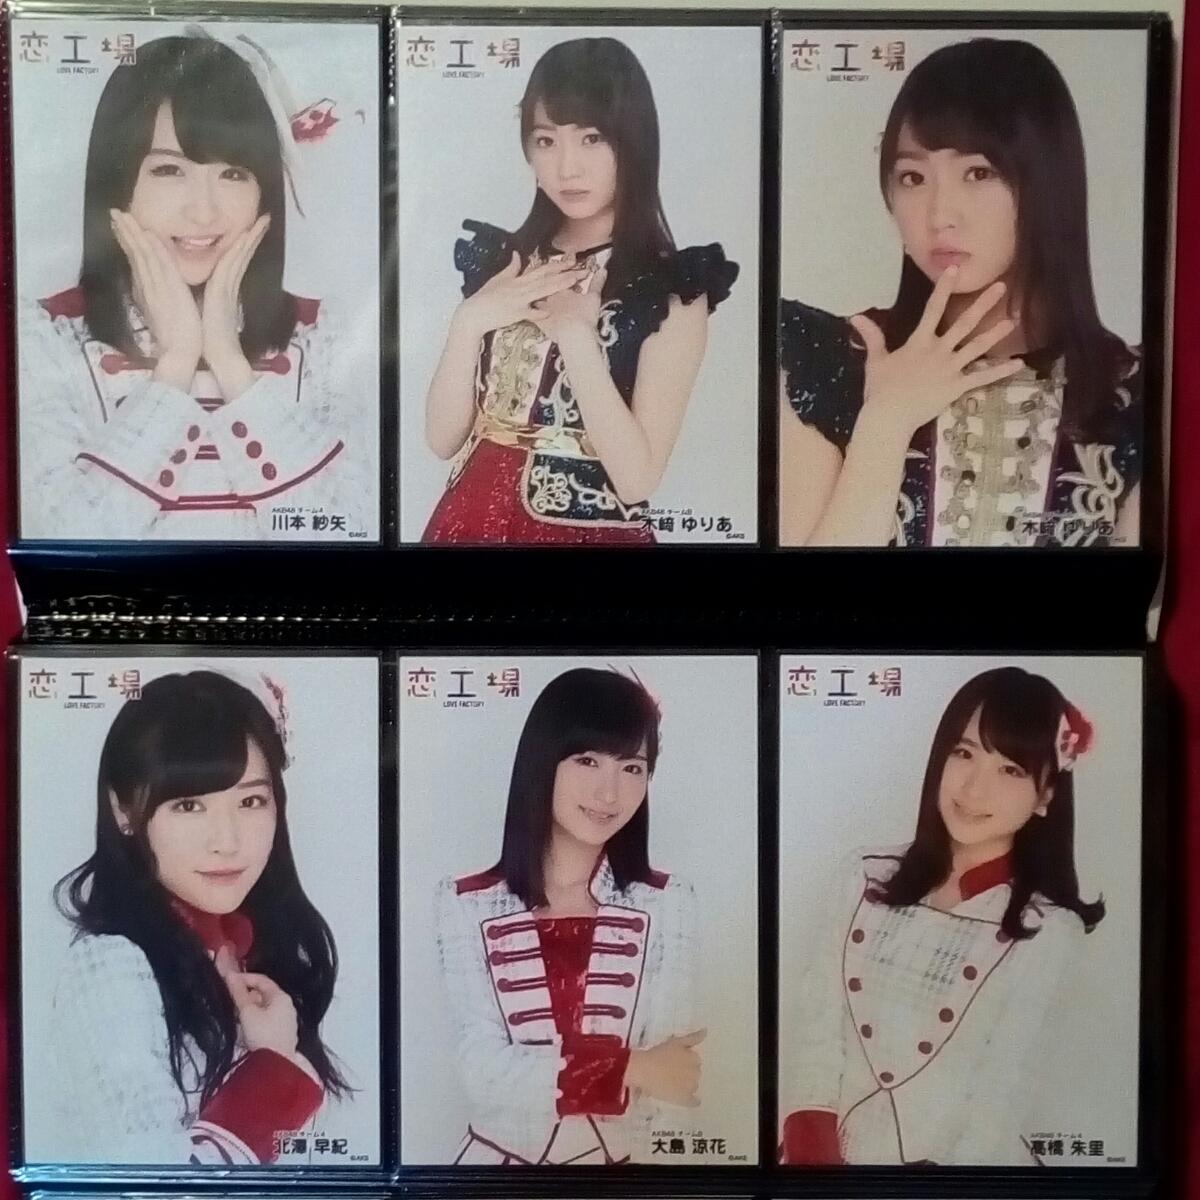 AKB48 公式生写真約1300枚セットまとめ売り コンプ復刻版 共通ポーズ 北原里英 大島優子 松井珠理奈 指原莉乃 SKE/NMB/HKT/NGT/STU/チーム8_画像6